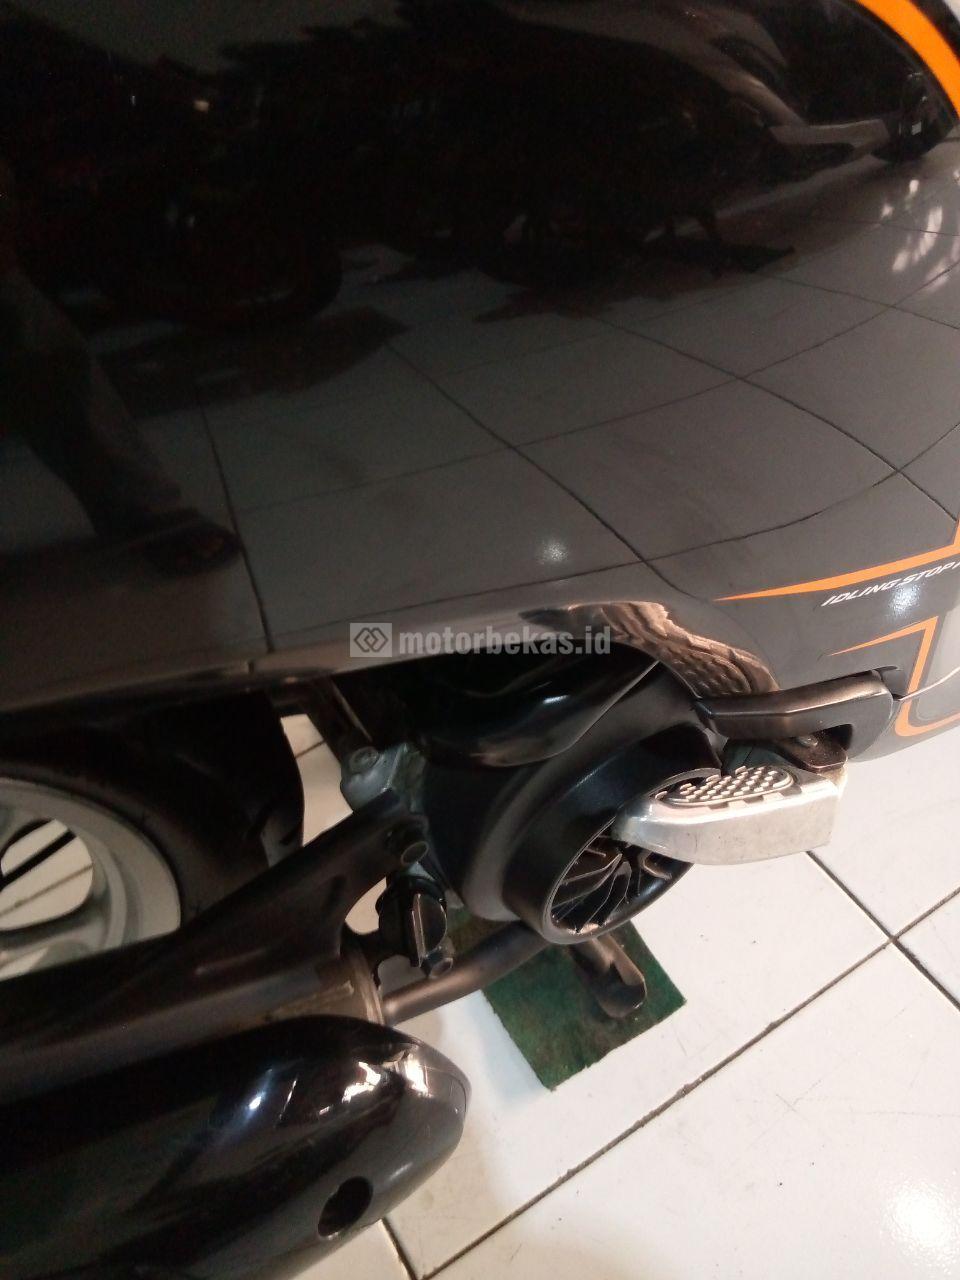 HONDA SCOOPY  3368 motorbekas.id